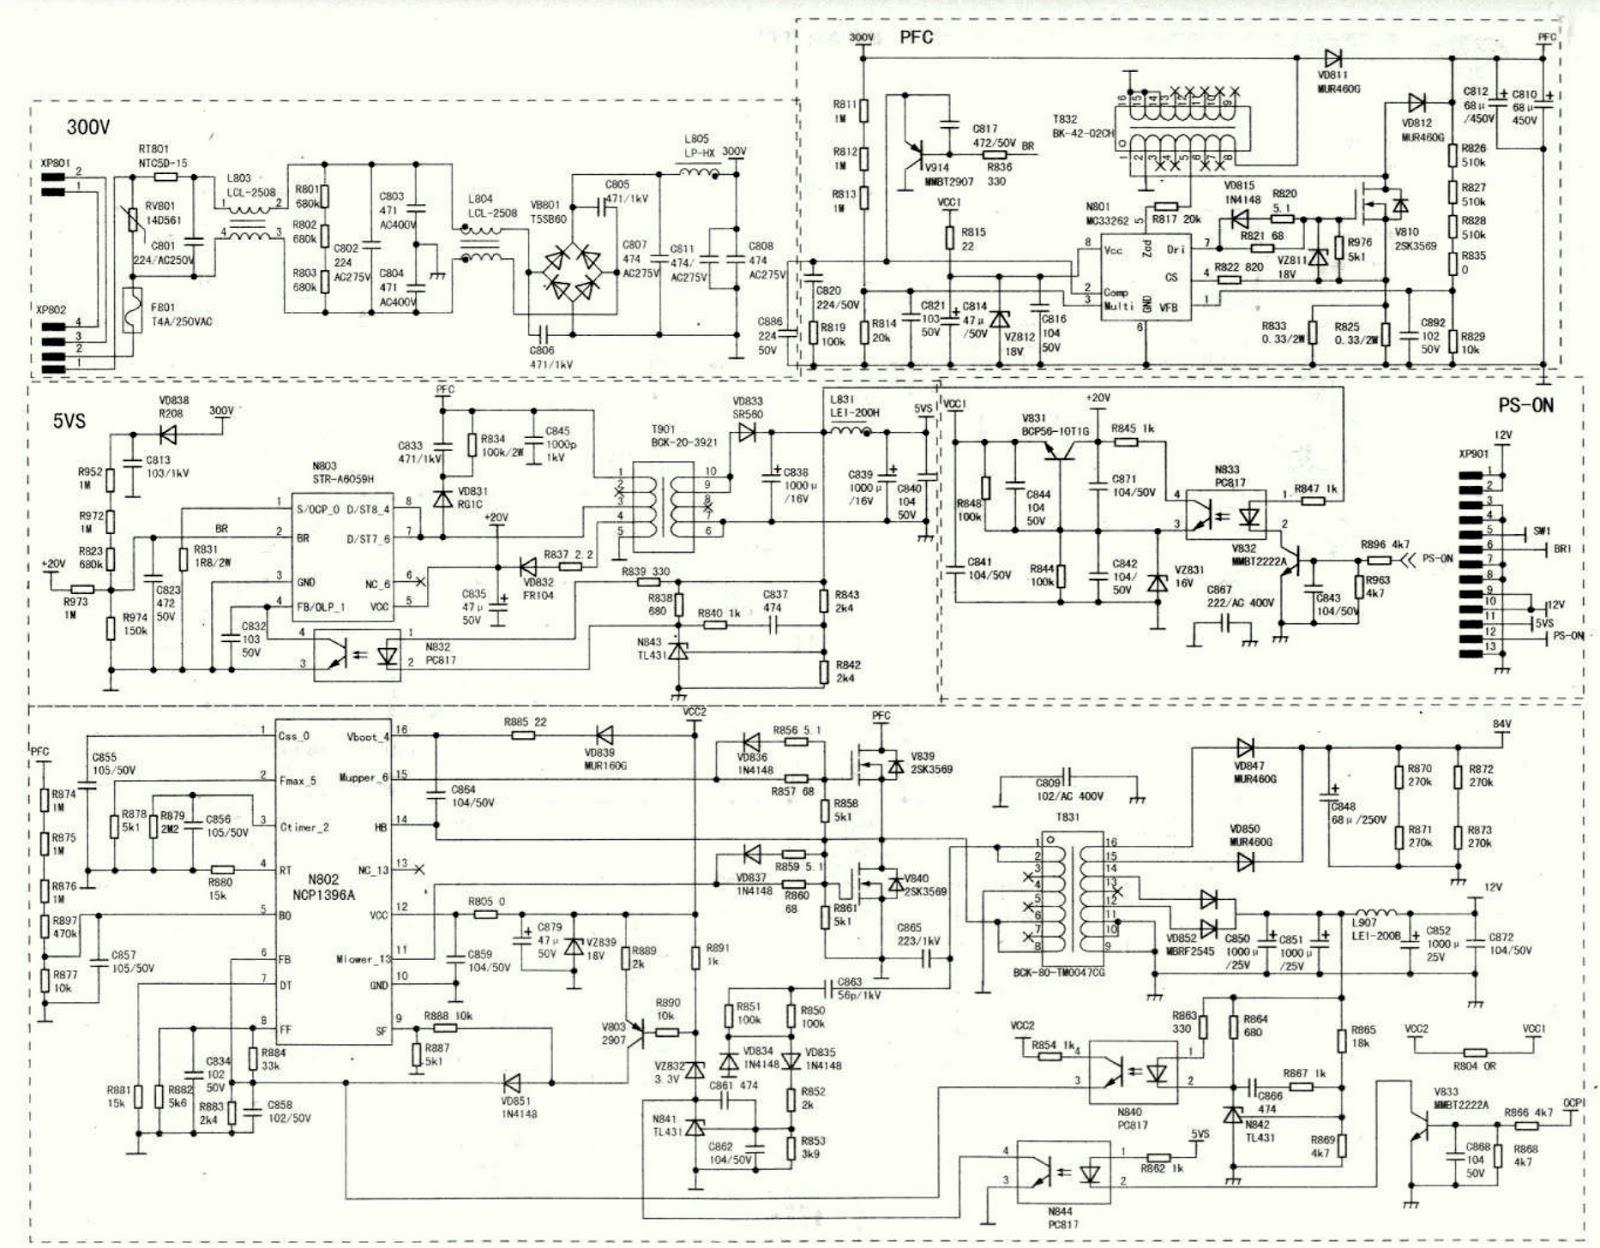 Electro Help  Hisense Lcd 2031 Led37t28kv  U2013 Smps Schematic  U2013 Circuit Description Oz9957 Cp1396a